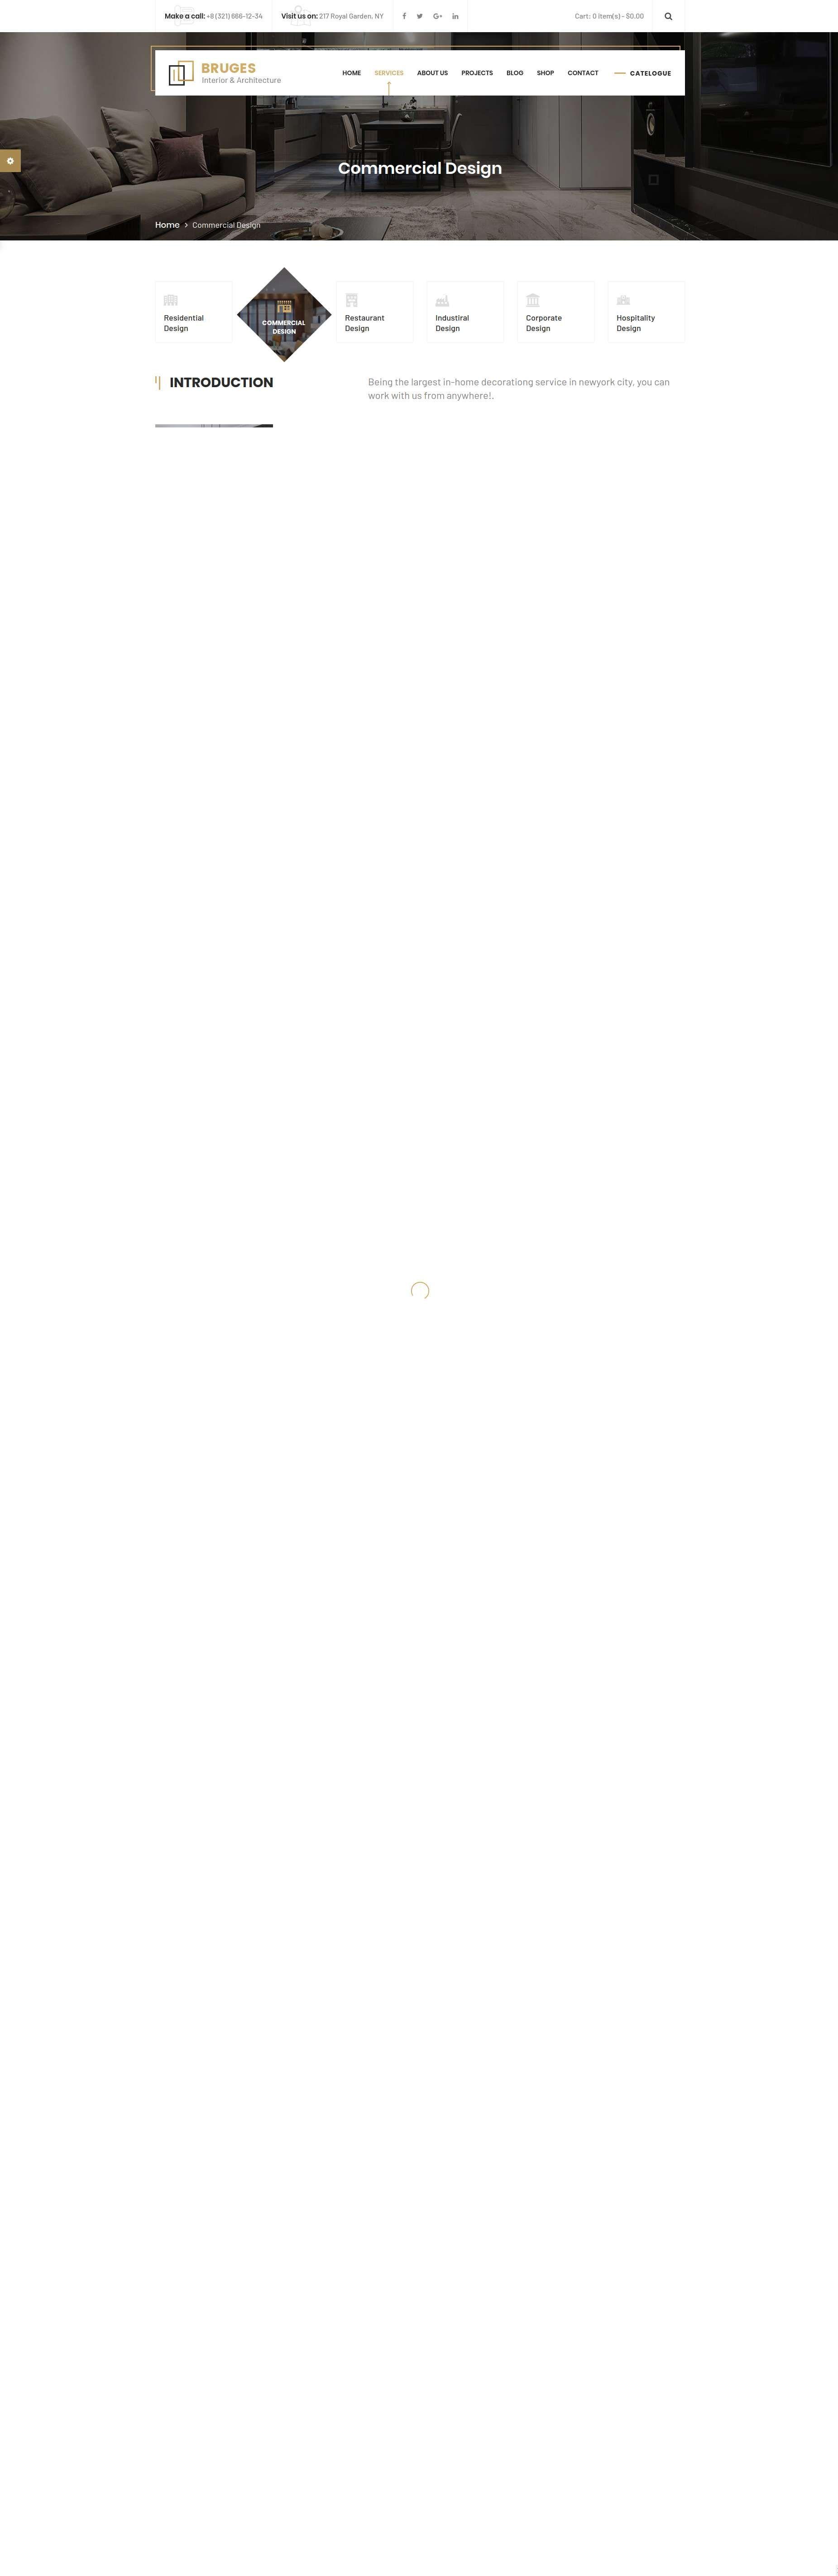 Bruges - Architecture and Interior Design HTML Template | Pinterest on word designer, html5 designer, database designer, form designer, marketing designer, audio designer, php designer, operating system designer,